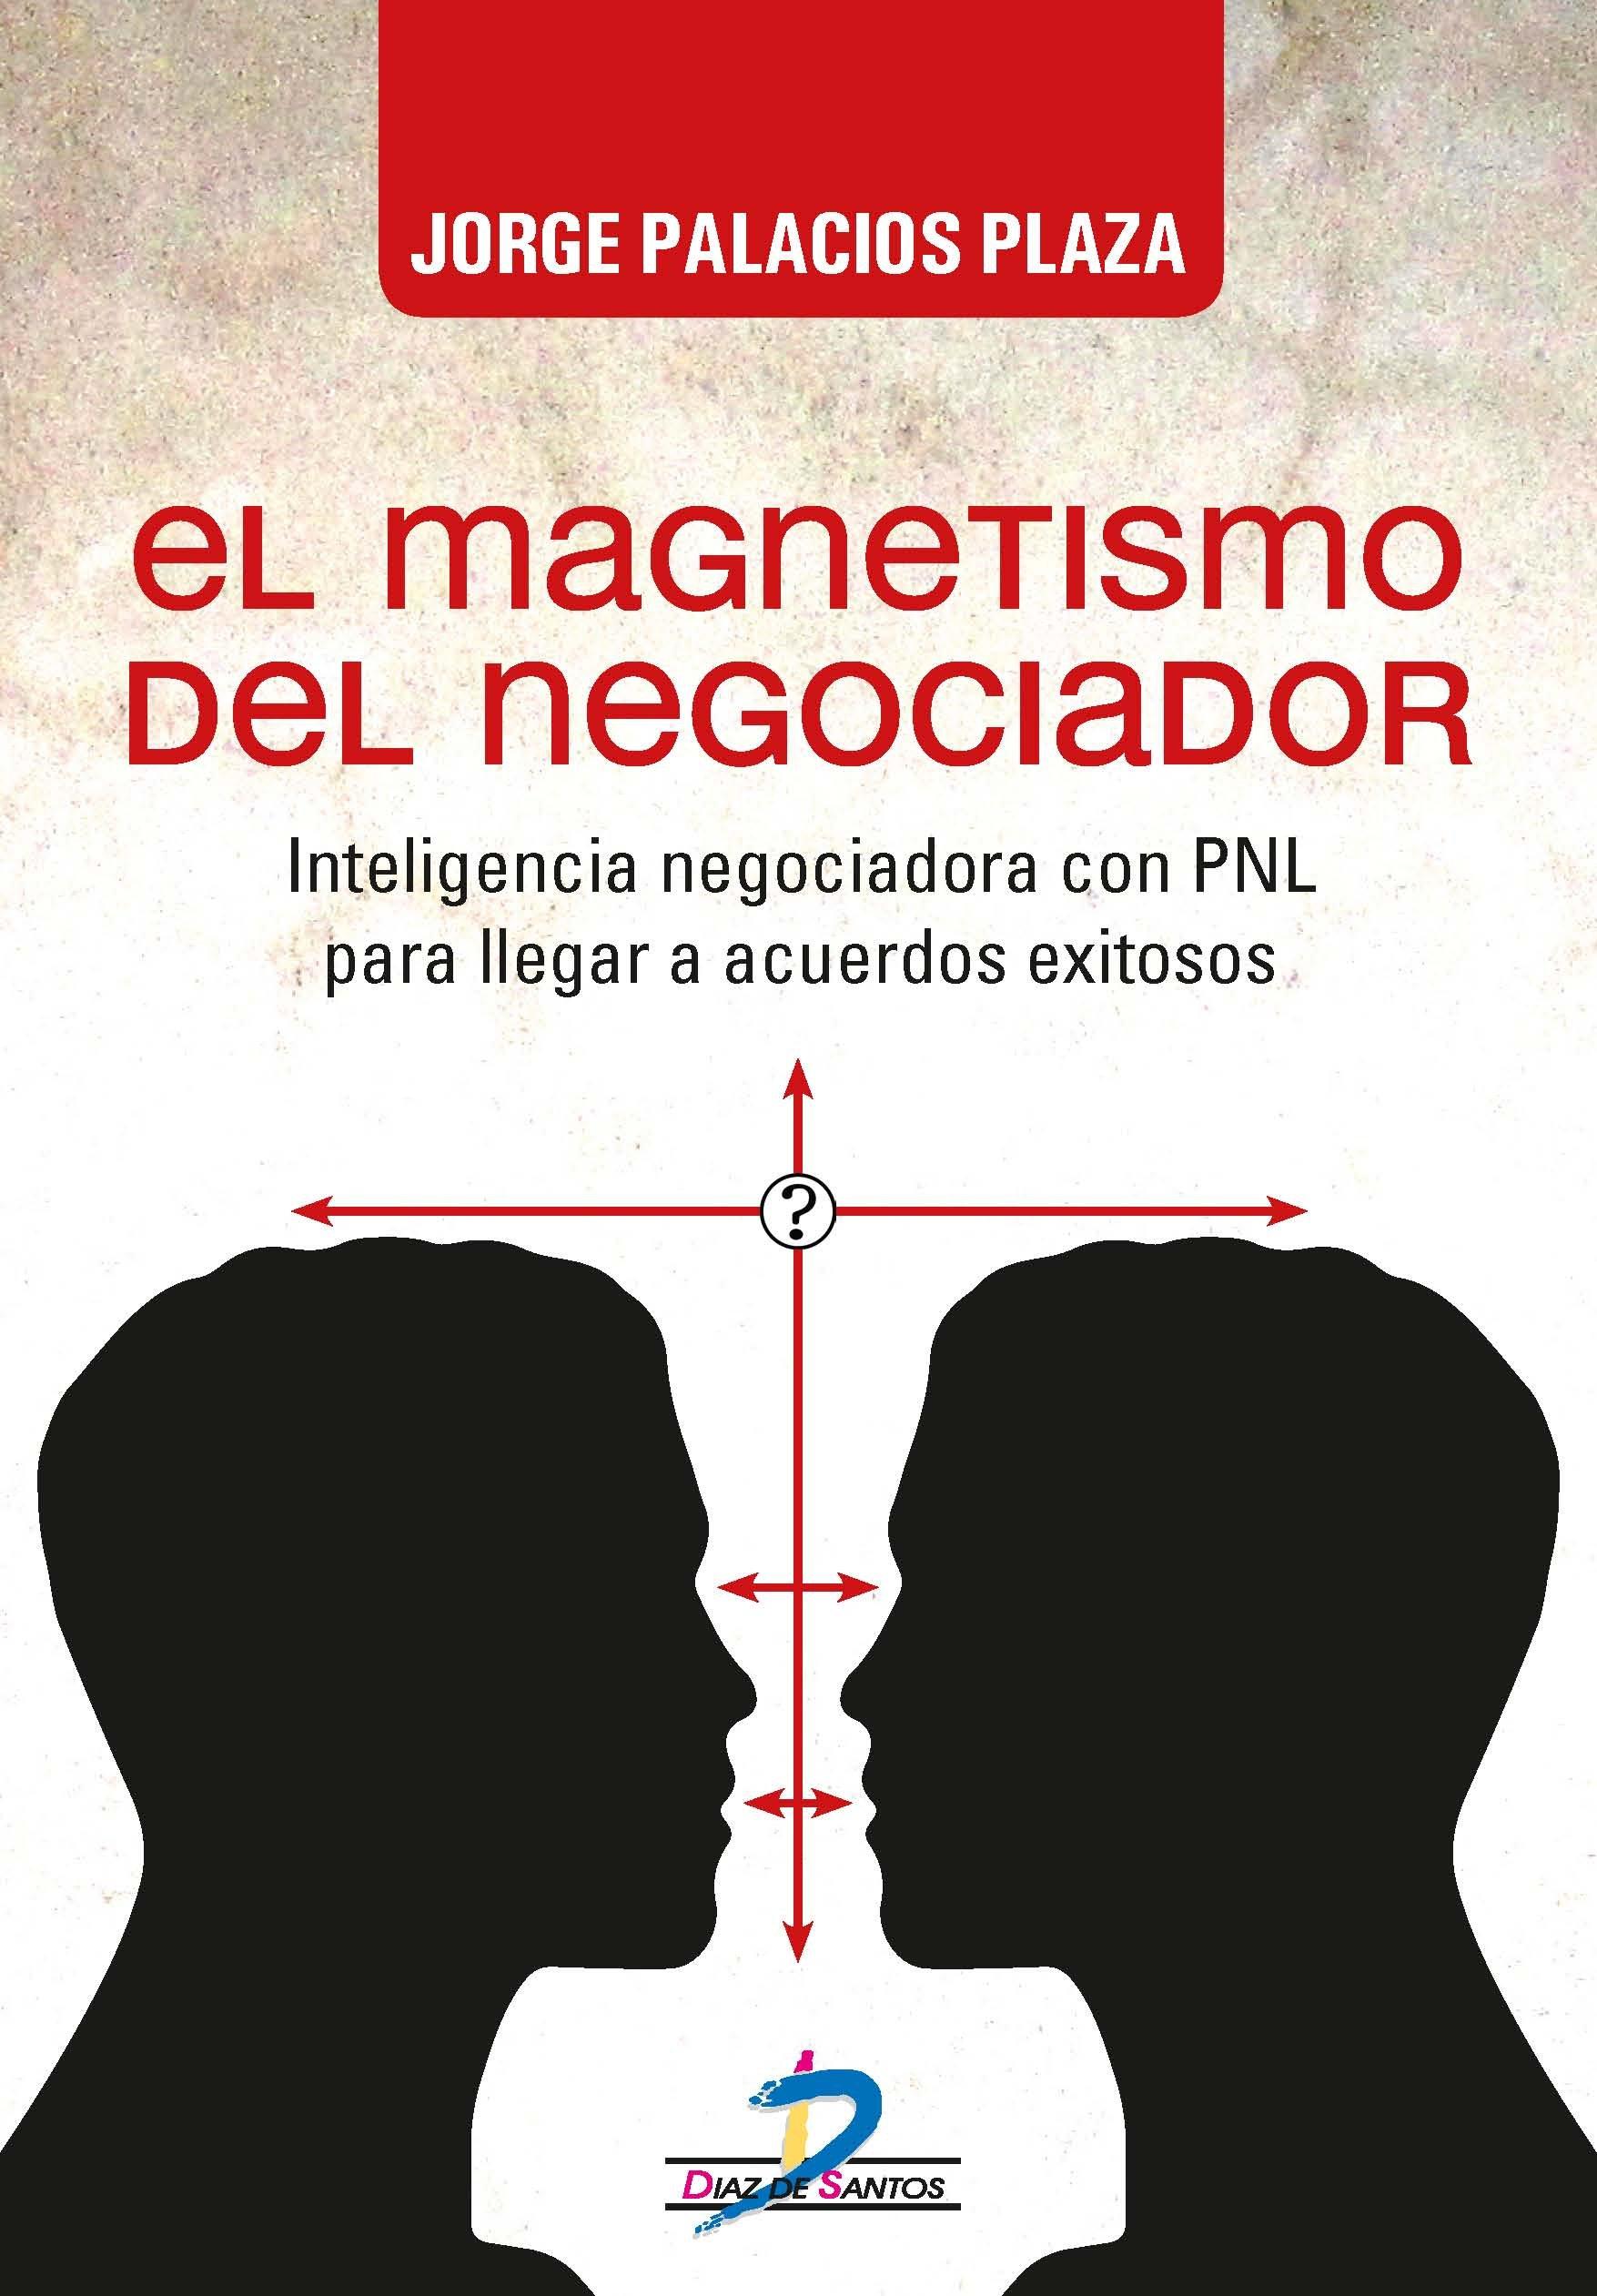 el magnetismo del negociador PNL portada